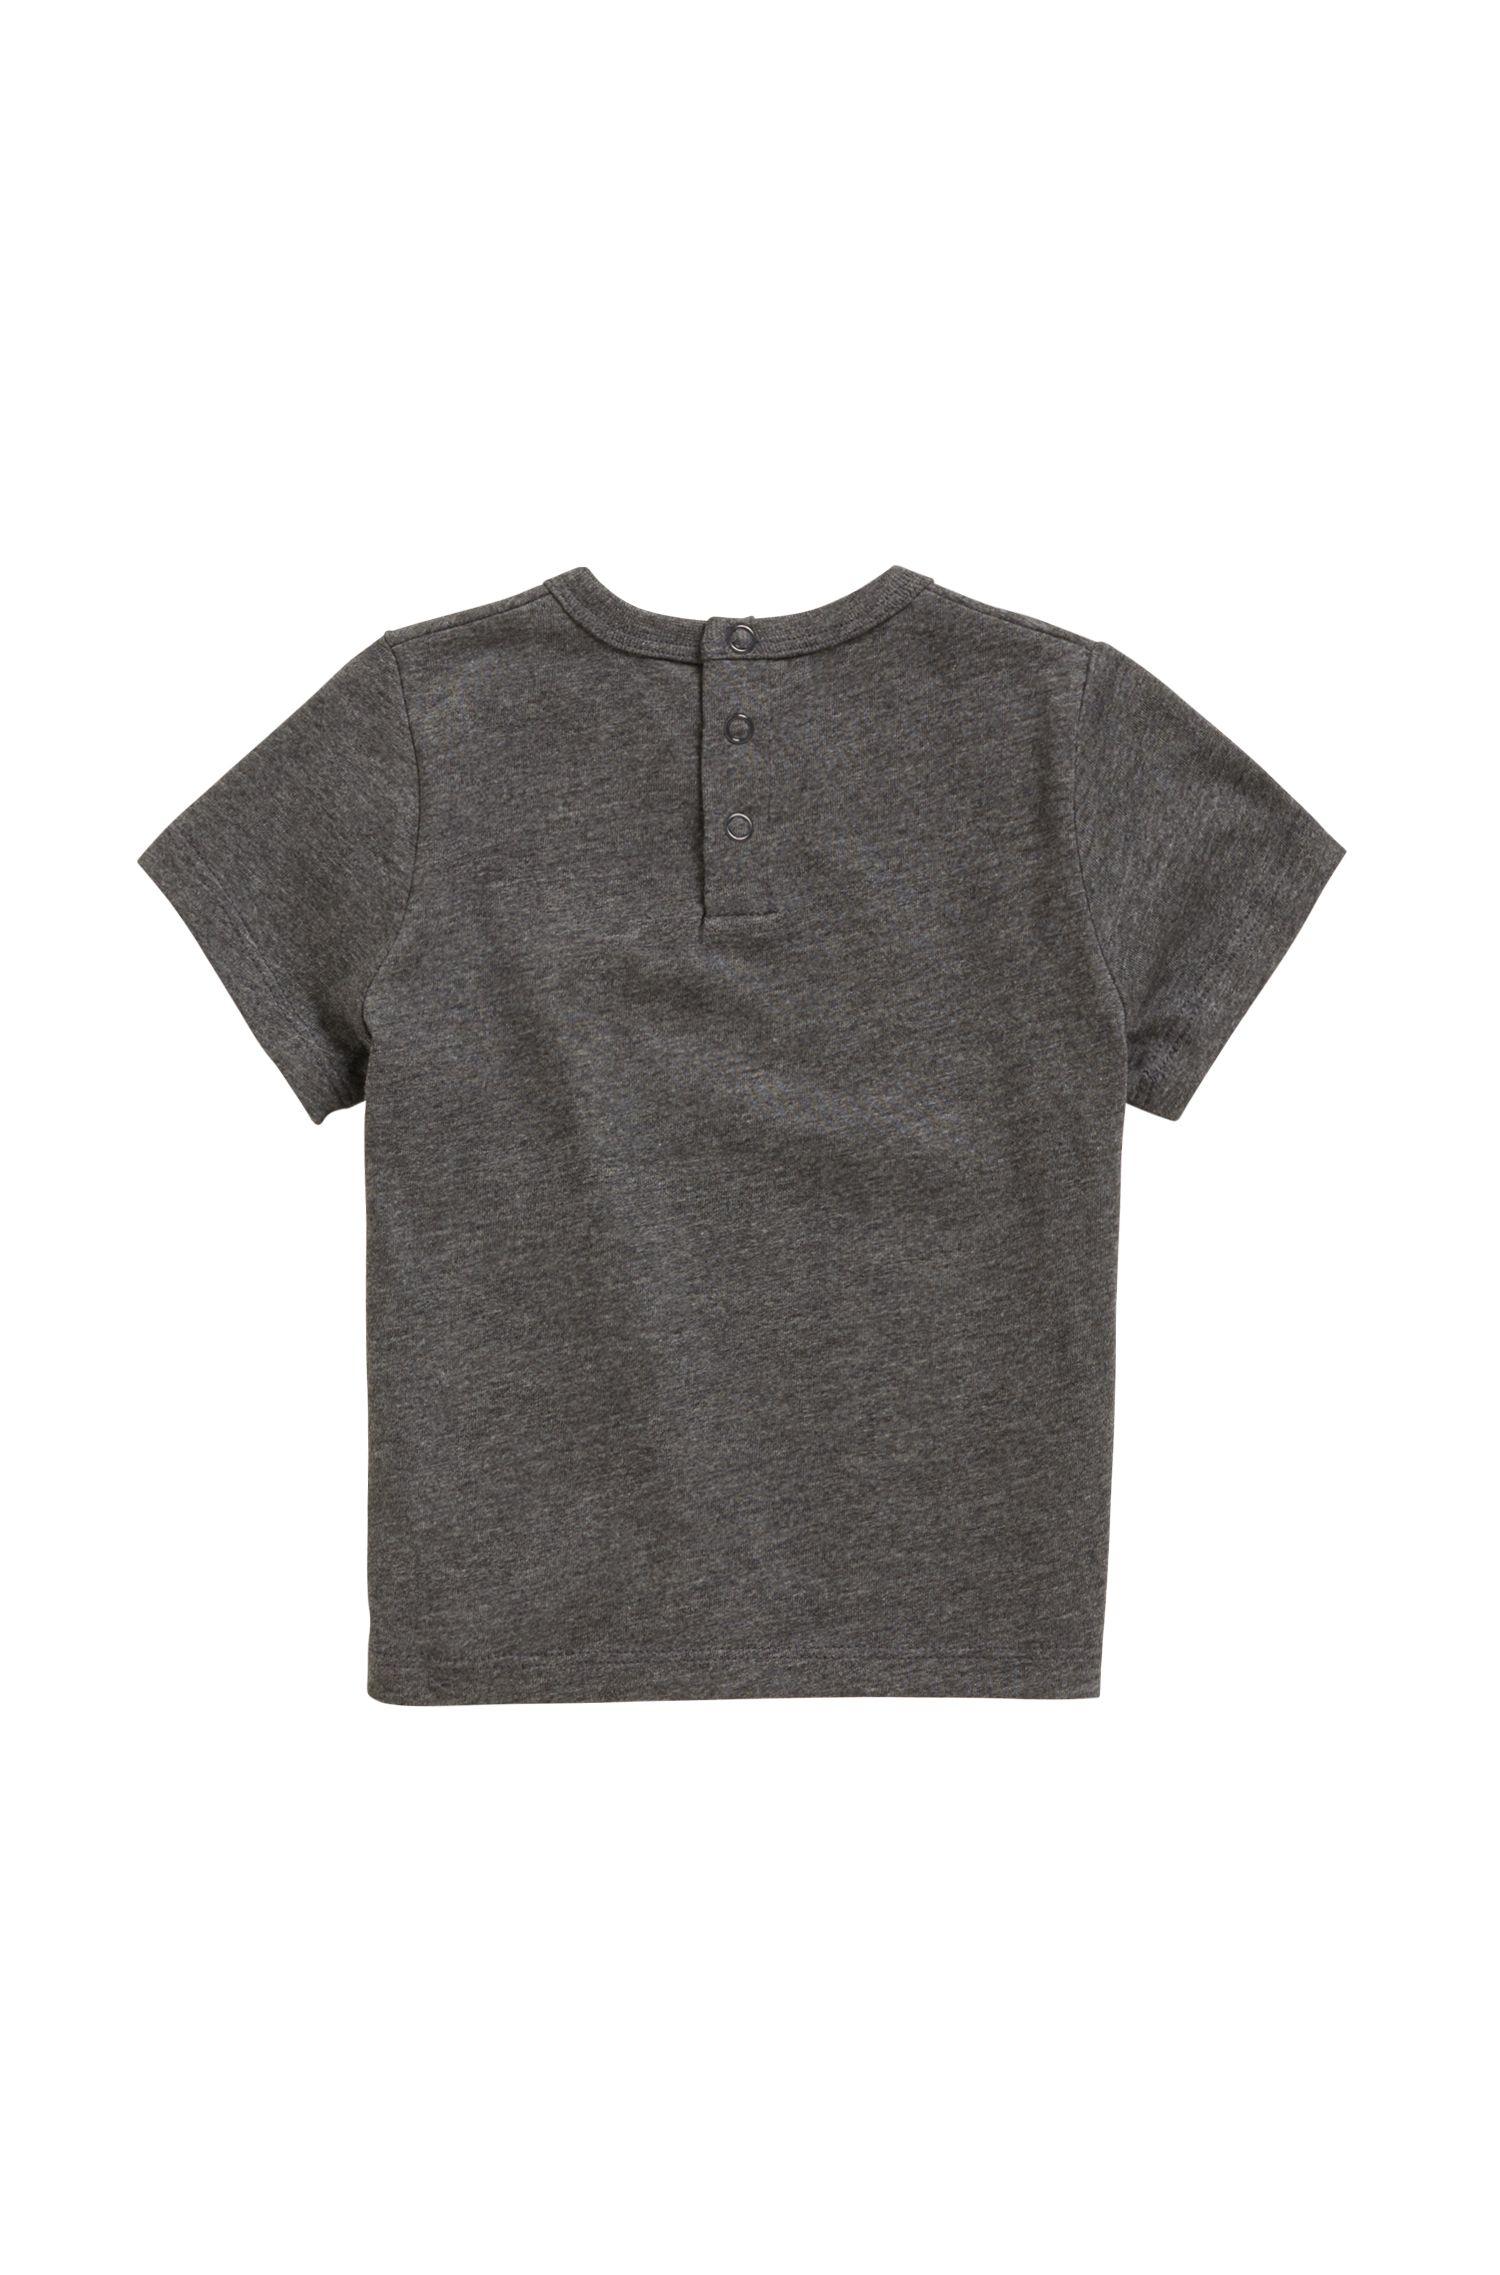 T-shirt pour enfant en jersey de coton avec logo imprimé, Anthracite